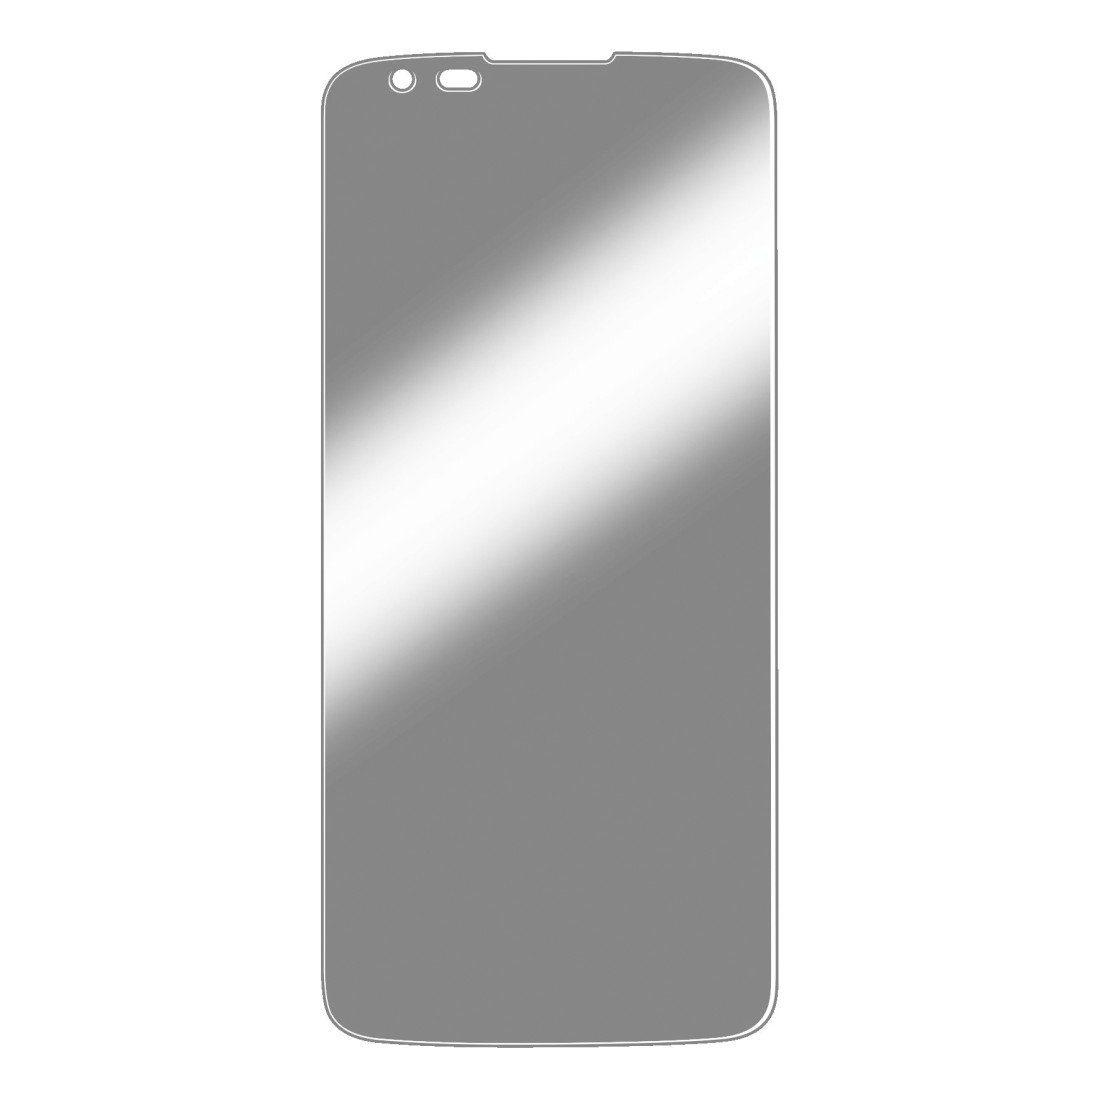 Hama Display-Schutzfolie Crystal Clear für LG K7, 2 Stück